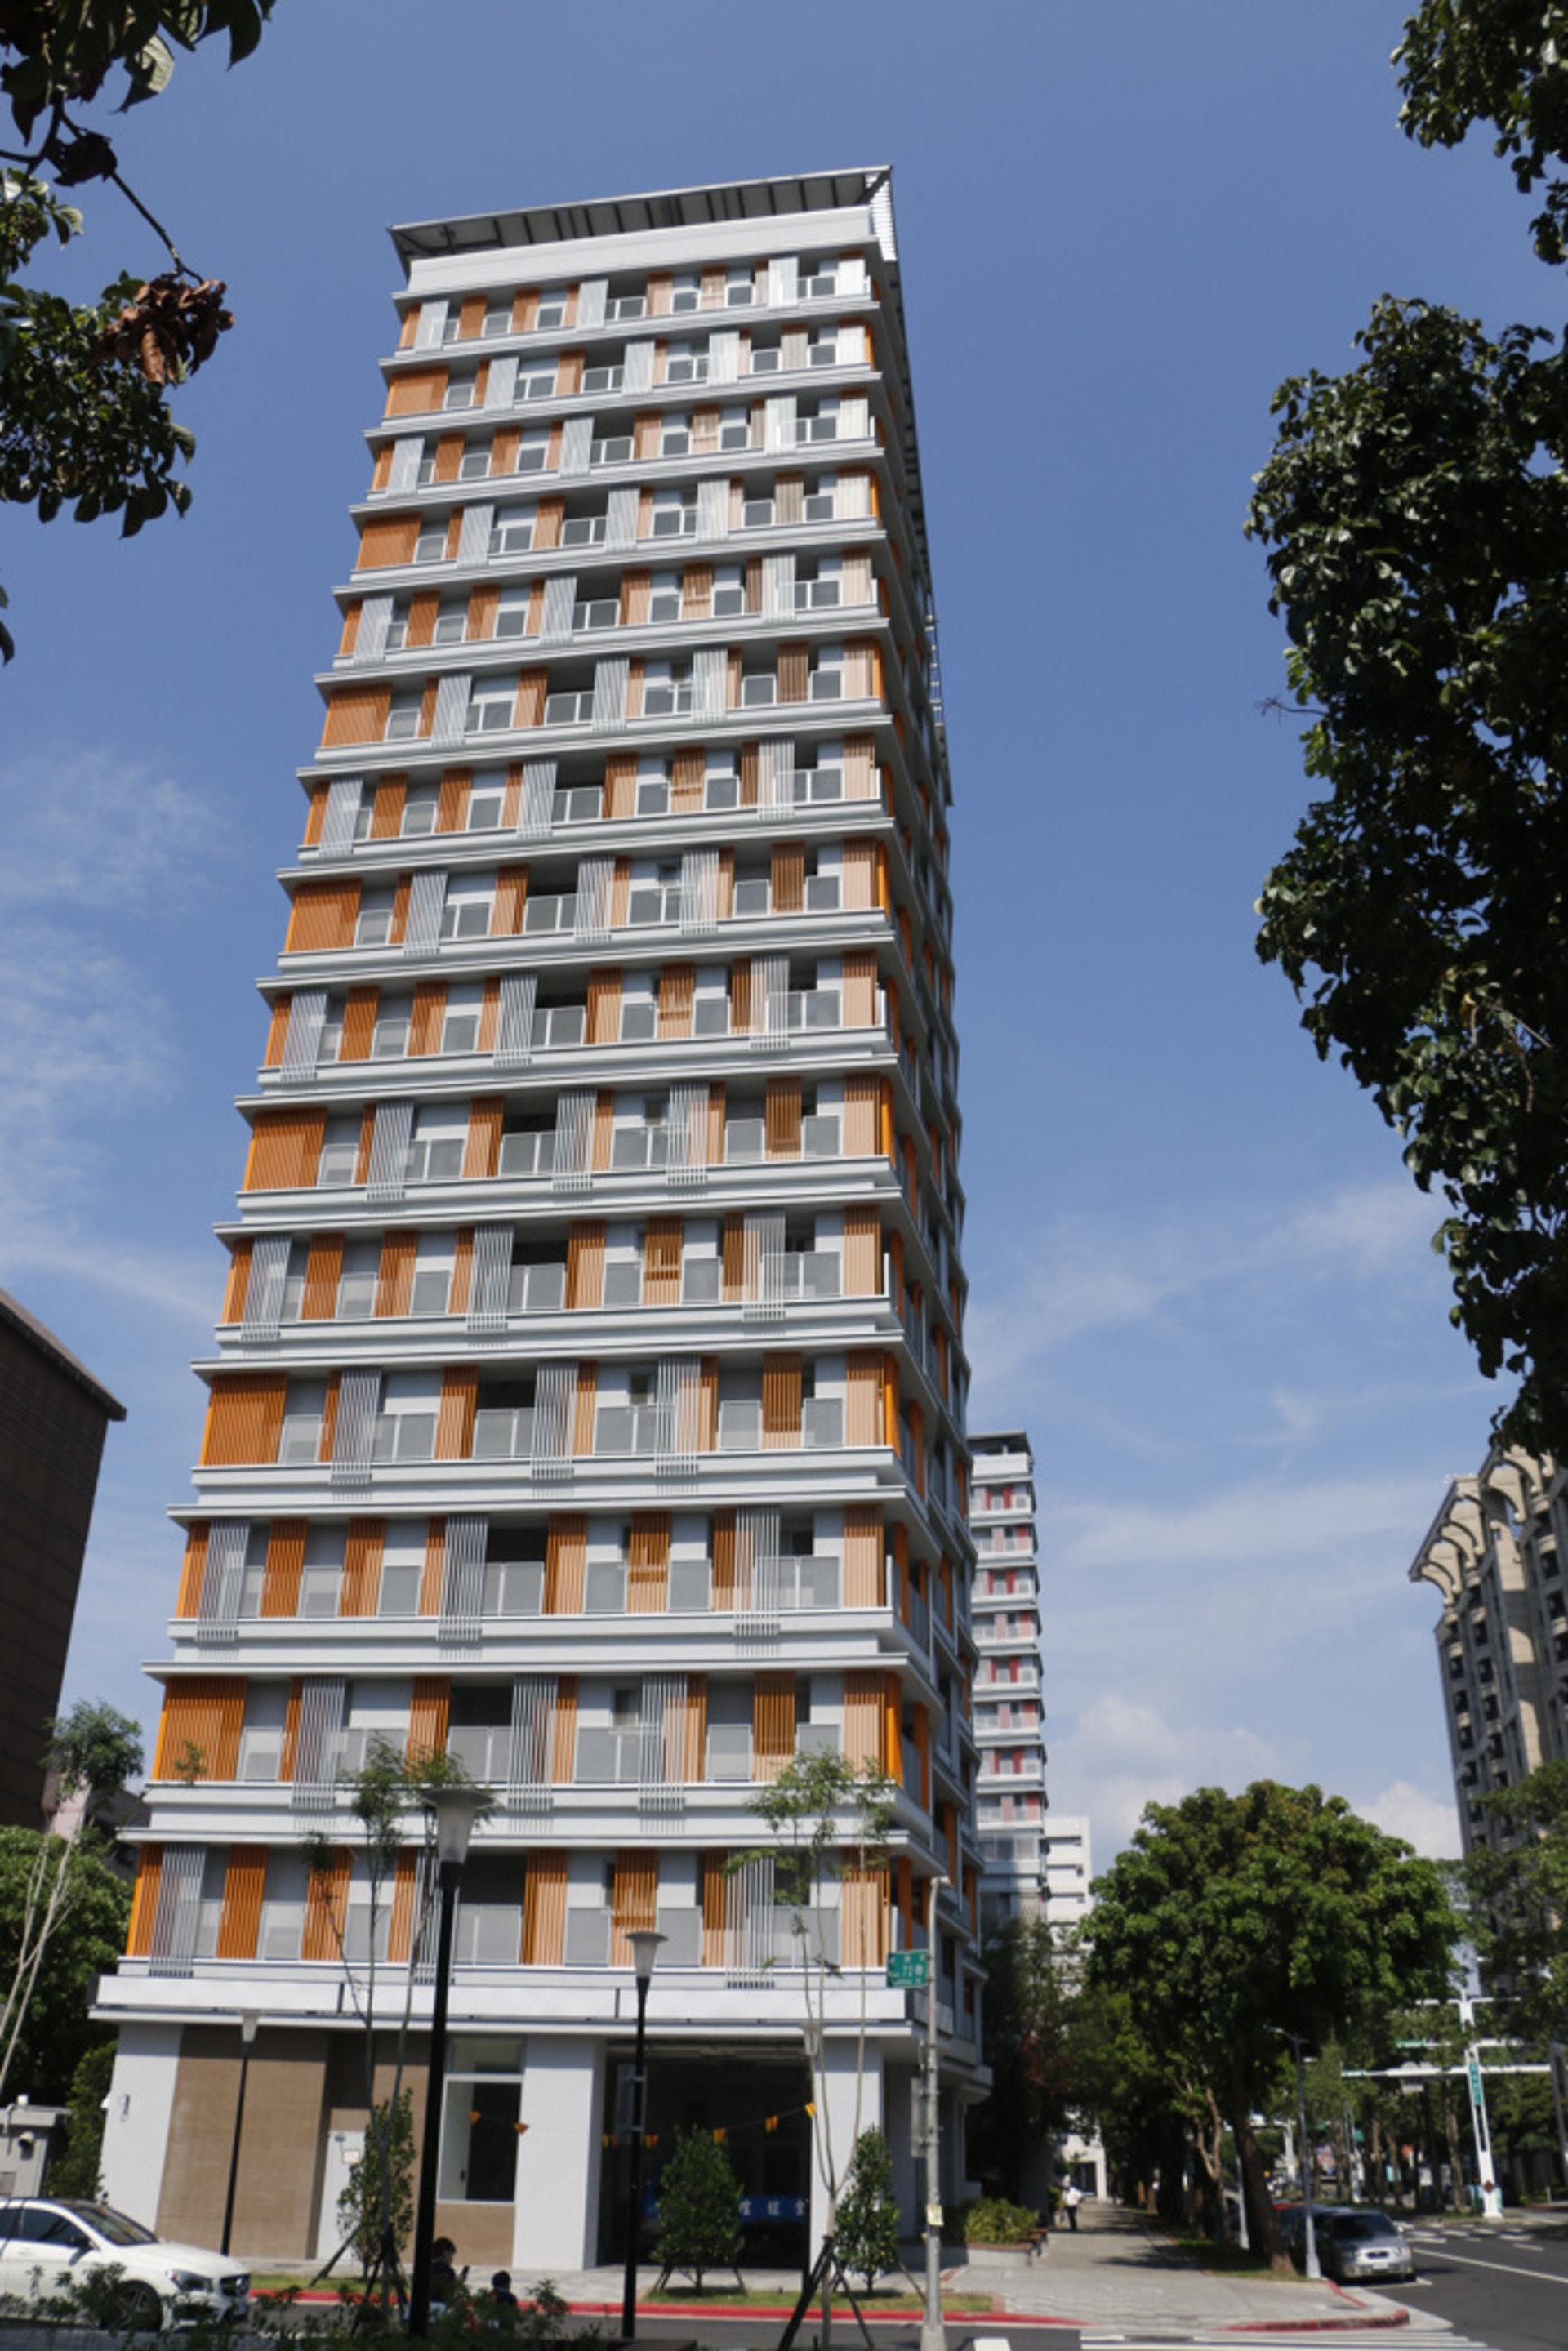 玖樓團隊認為透過政府閒置空間的利用、官民合作的模式,就能給予台灣人更多住房選擇,圖為台北市健康公宅。(杜晉軒攝)